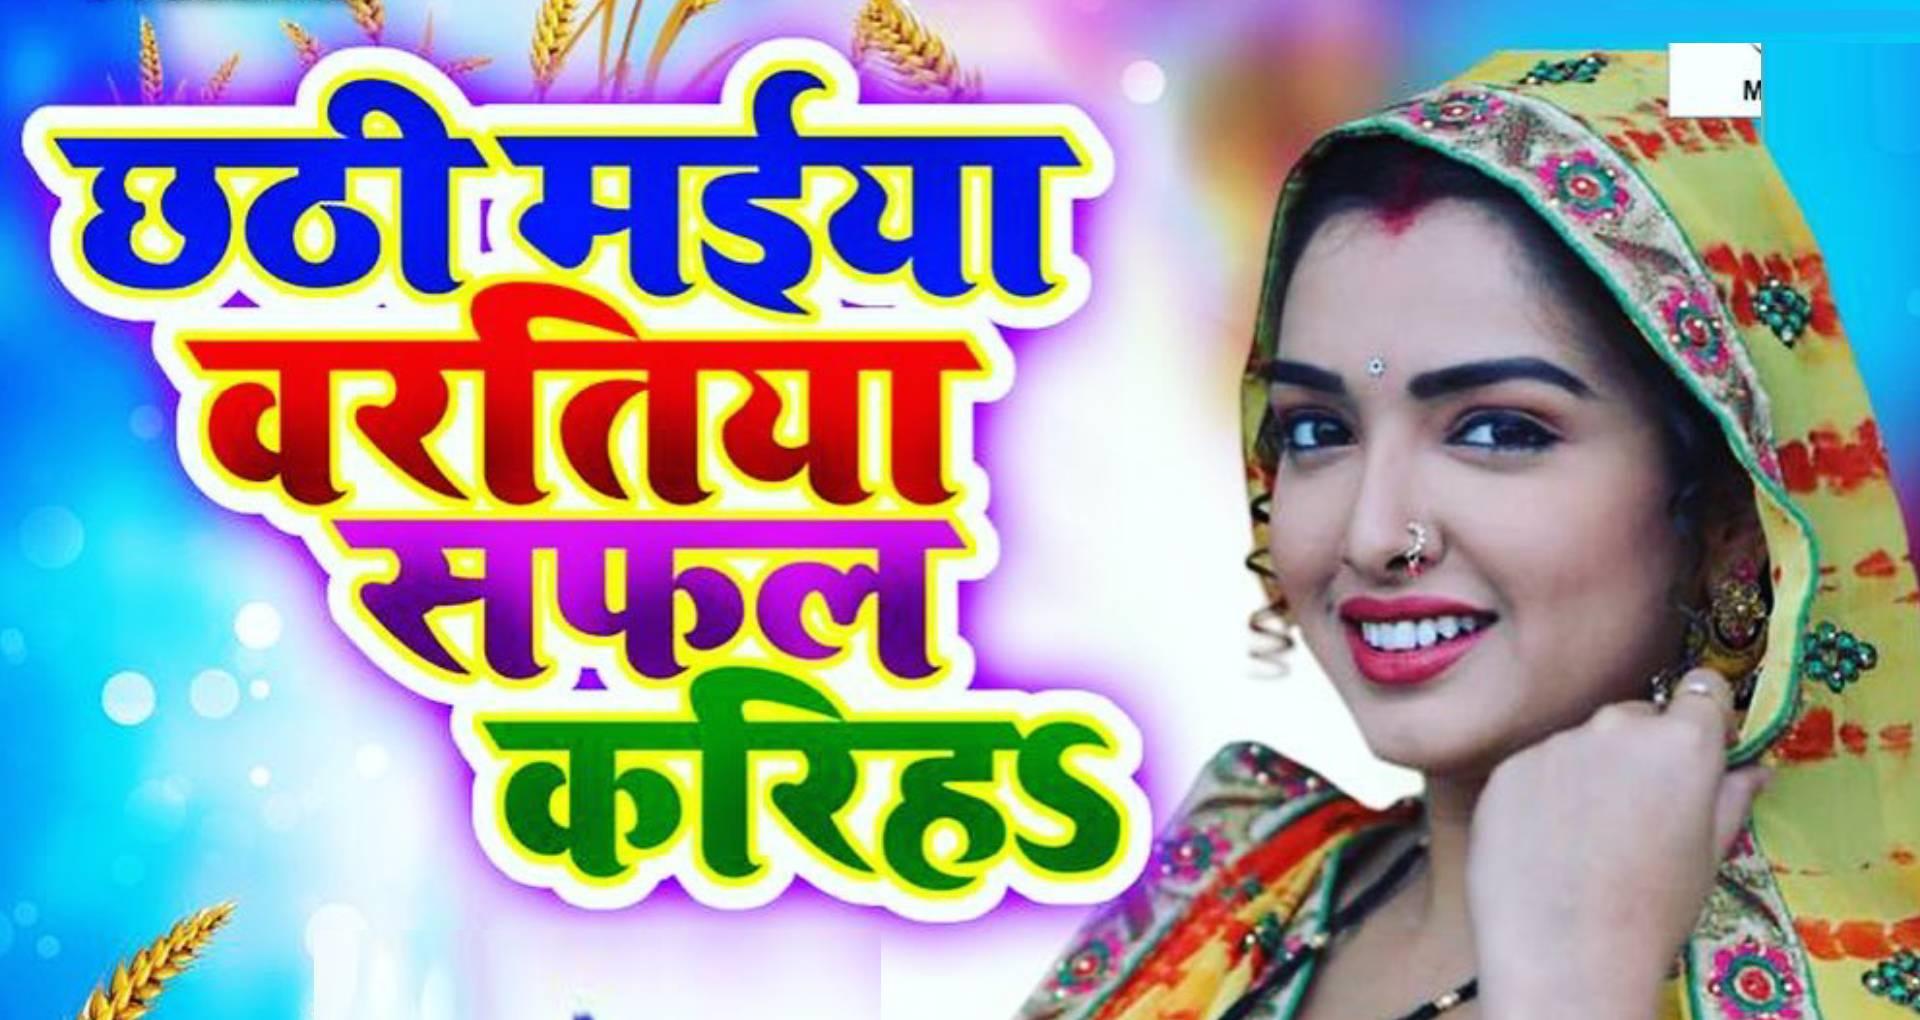 Bhojpuri Chhath Song 2019: छठी मईया की भक्ति में डूबीं आम्रपाली दुबे, लॉन्च हुआ इस साल का पहला छठ गीत